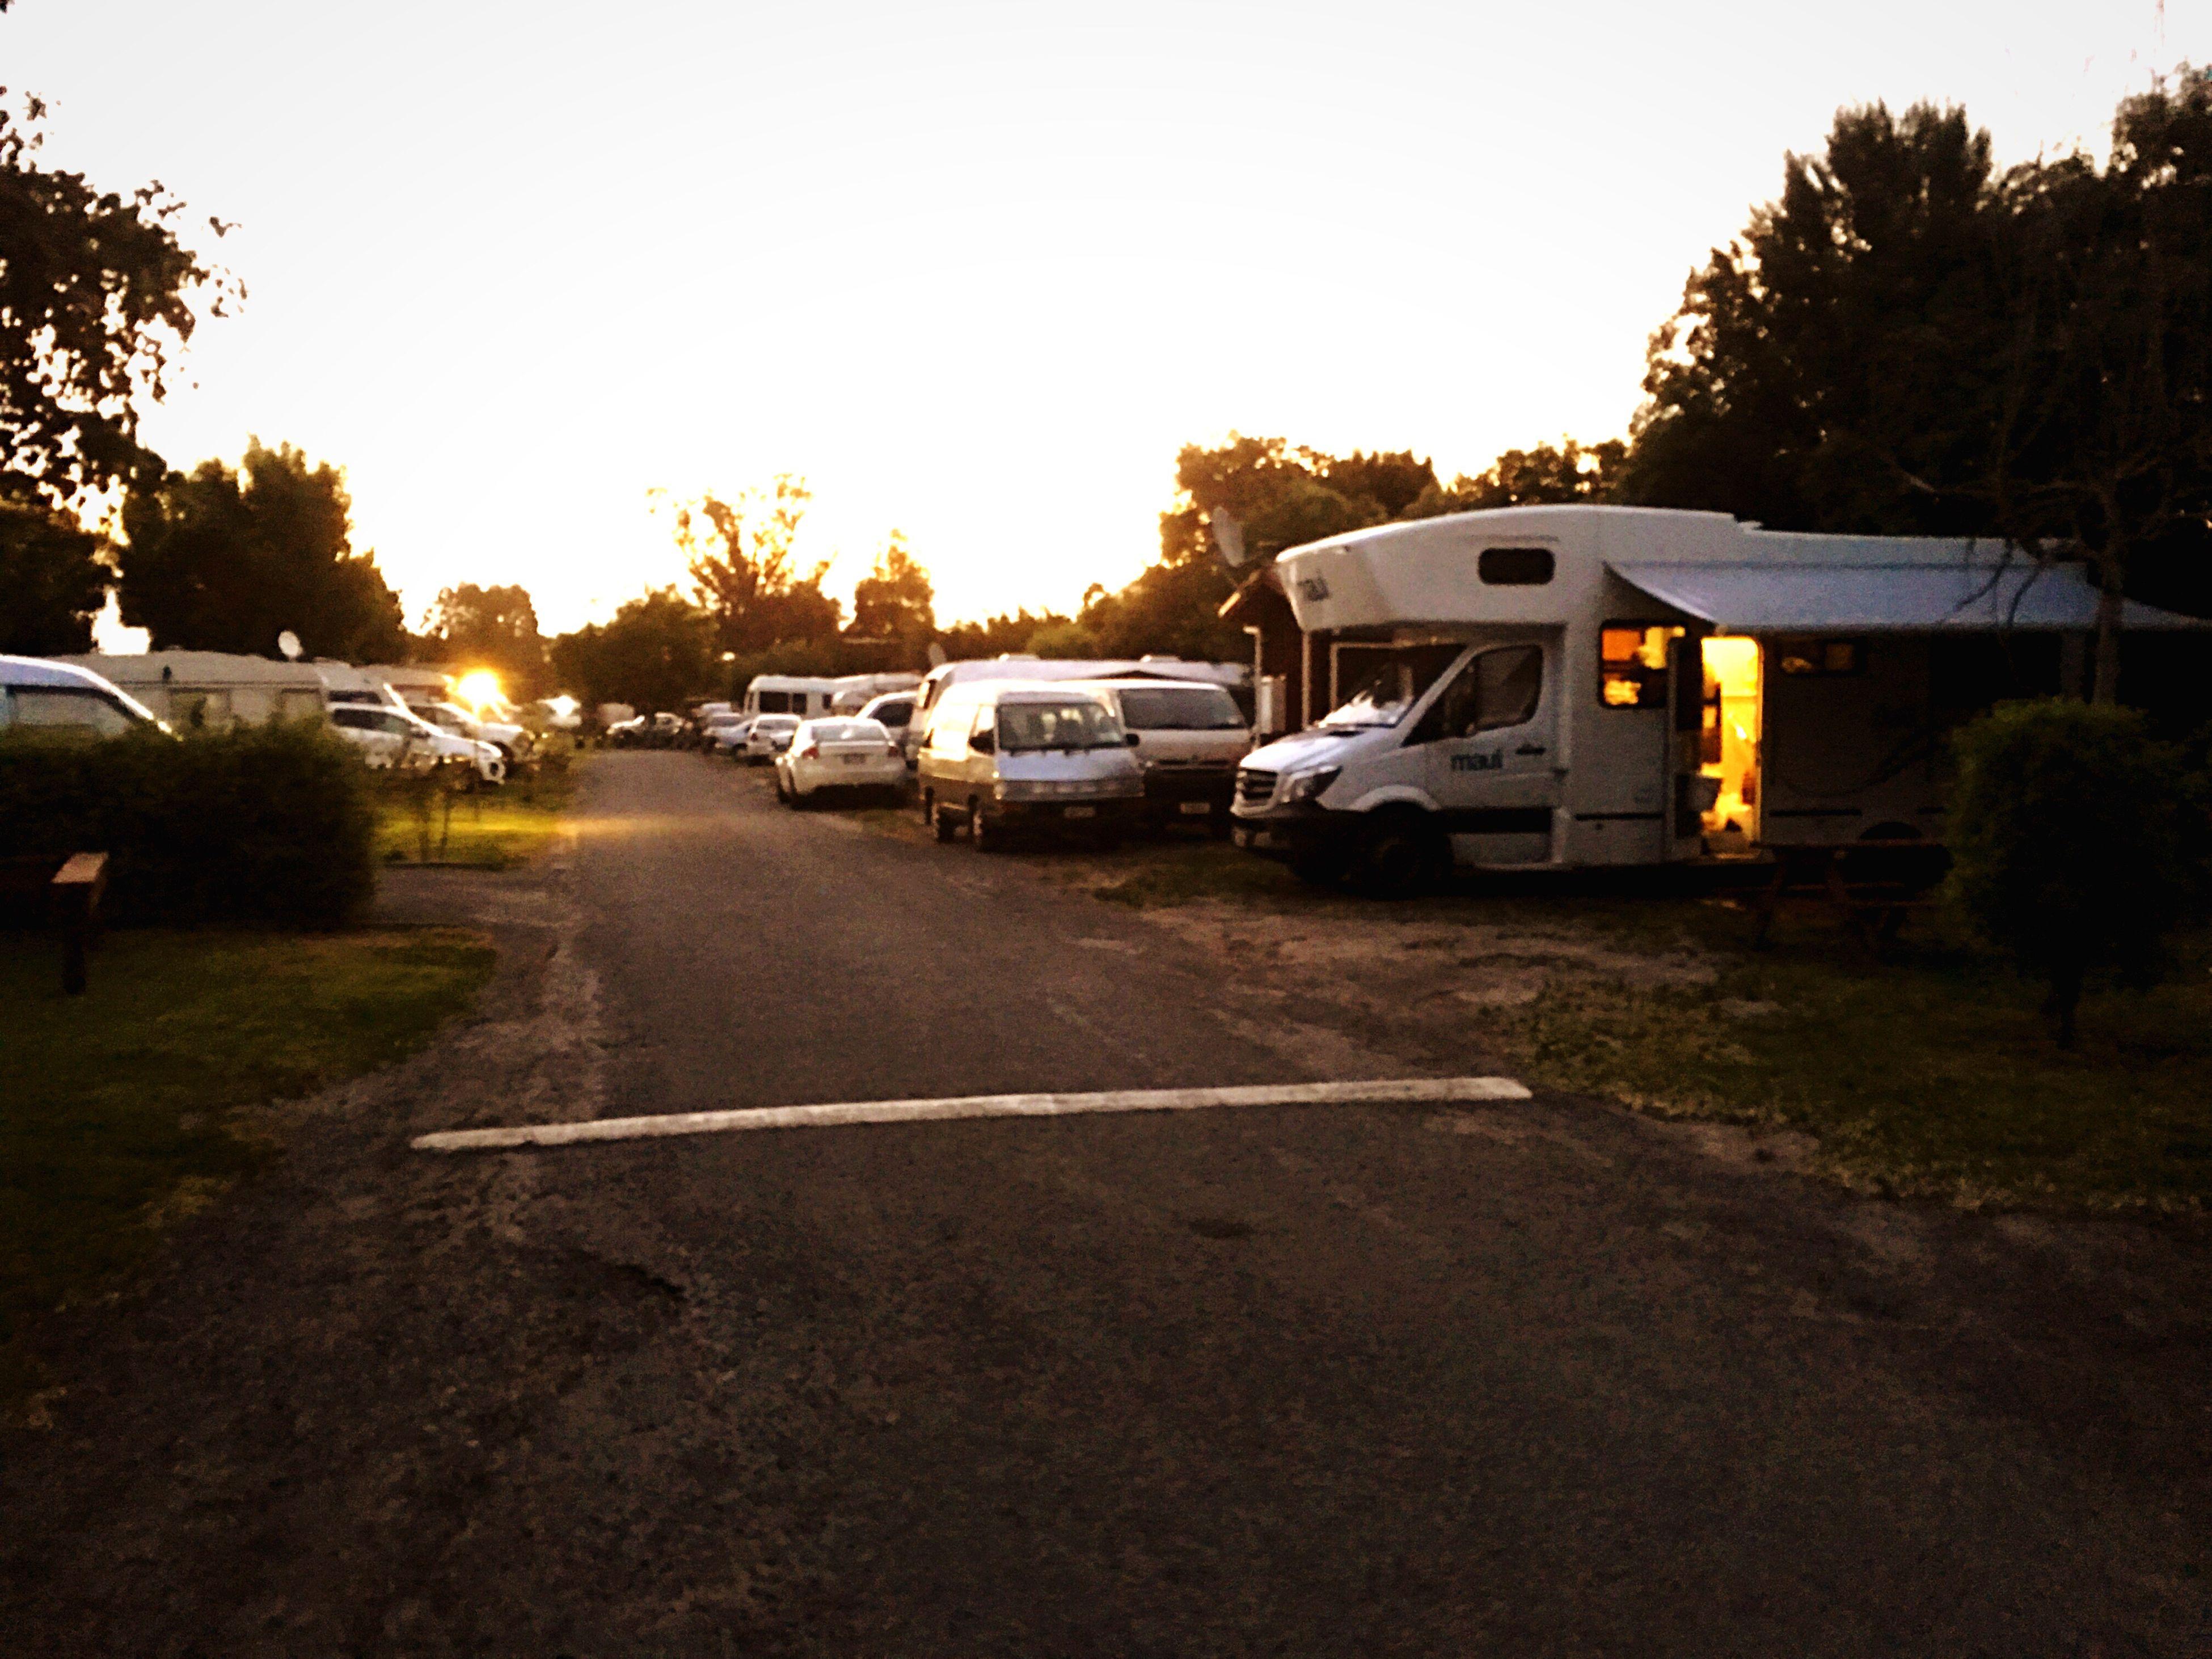 Caravans Car Travel Outdoors Motorhomes Sunset Newzealand First Eyeem Photo